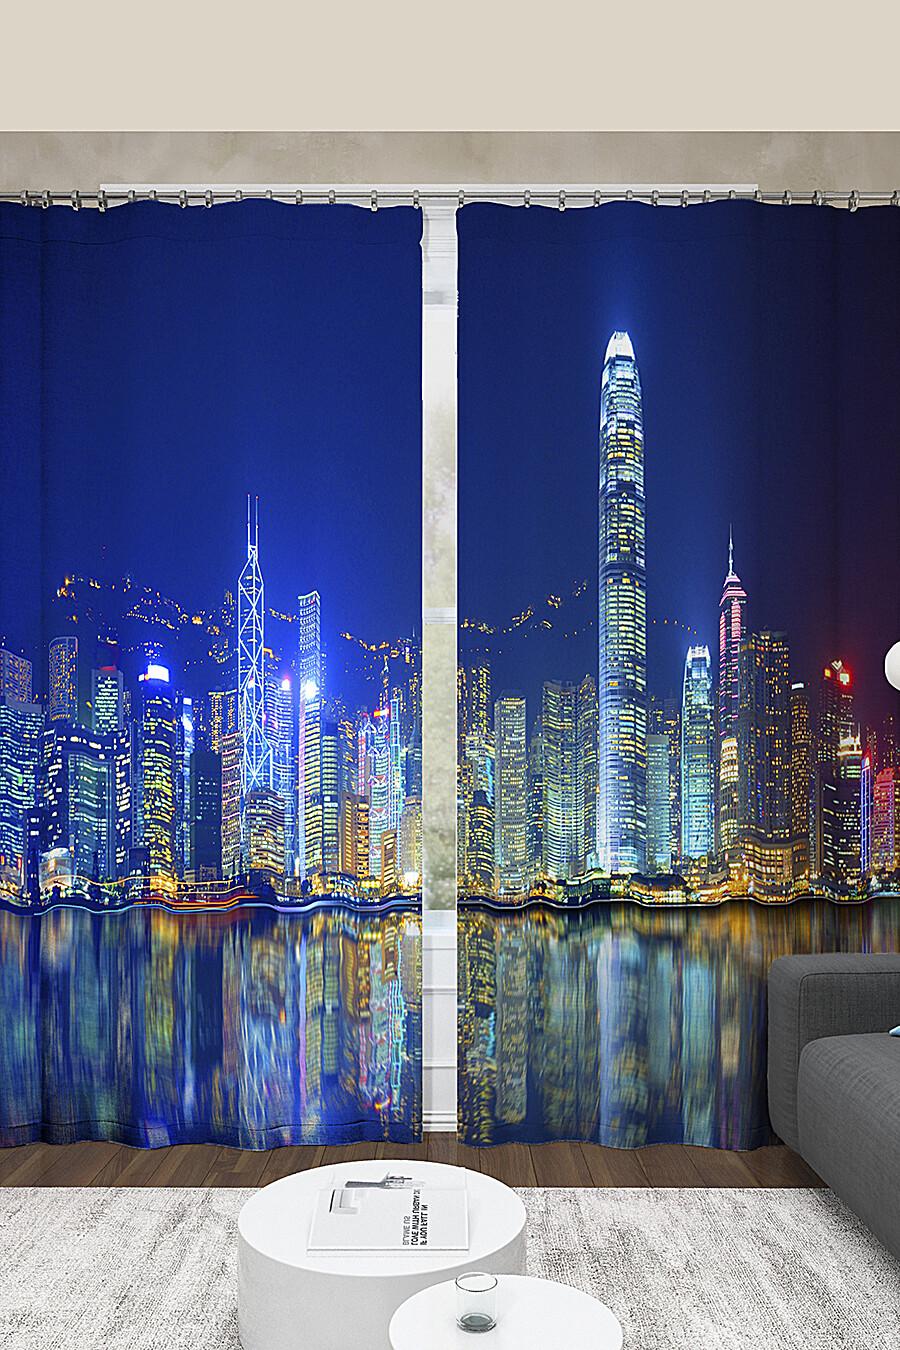 Фотошторы для дома ART HOME TEXTILE 123559 купить оптом от производителя. Совместная покупка товаров для дома в OptMoyo